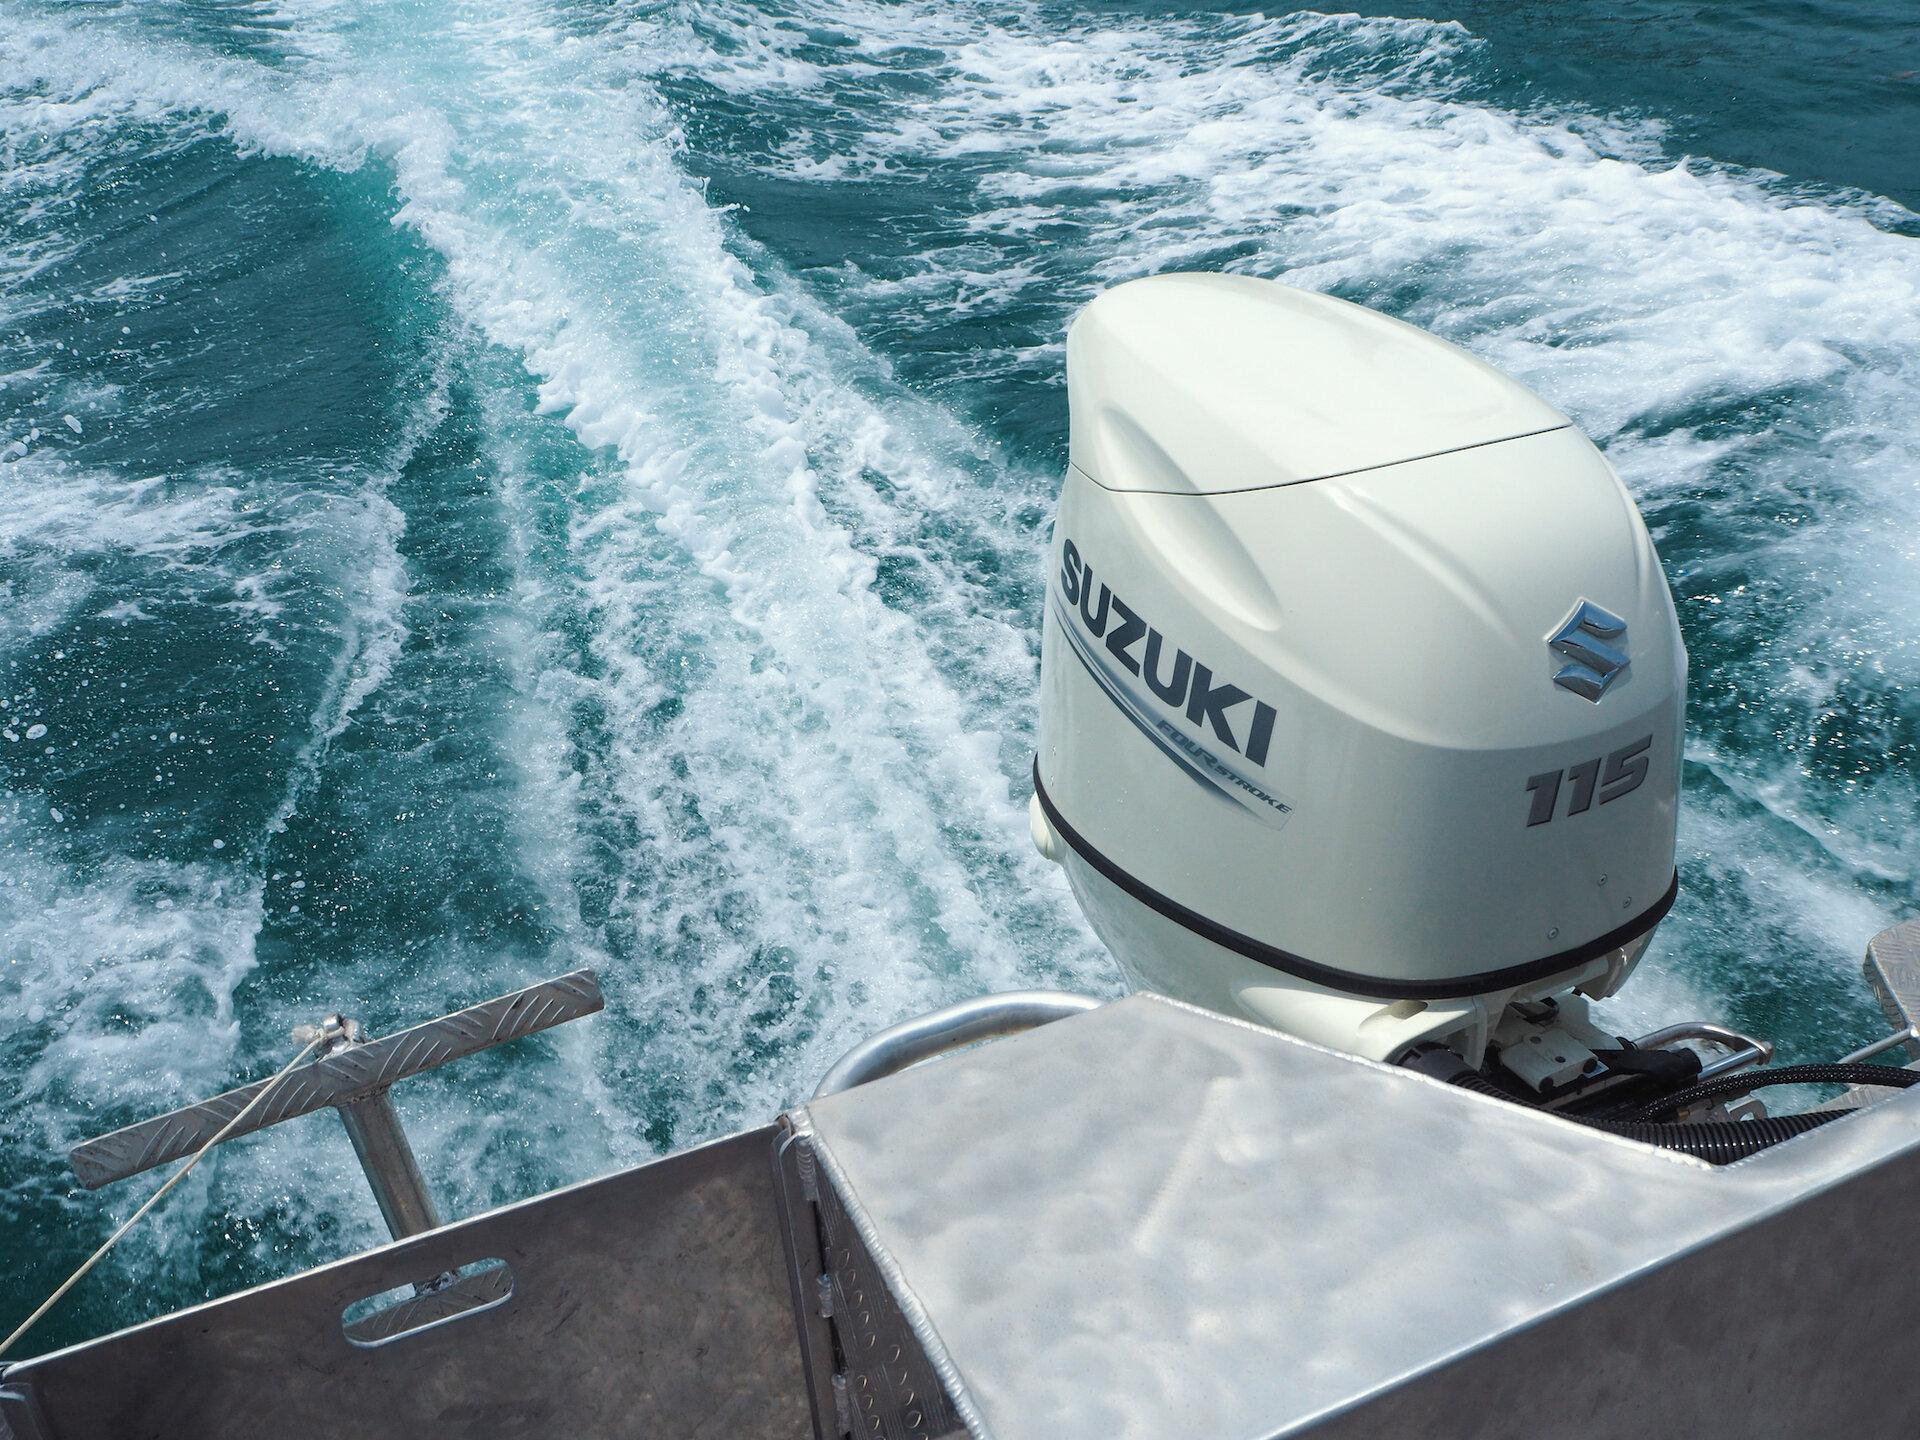 Suzuki outboard engine